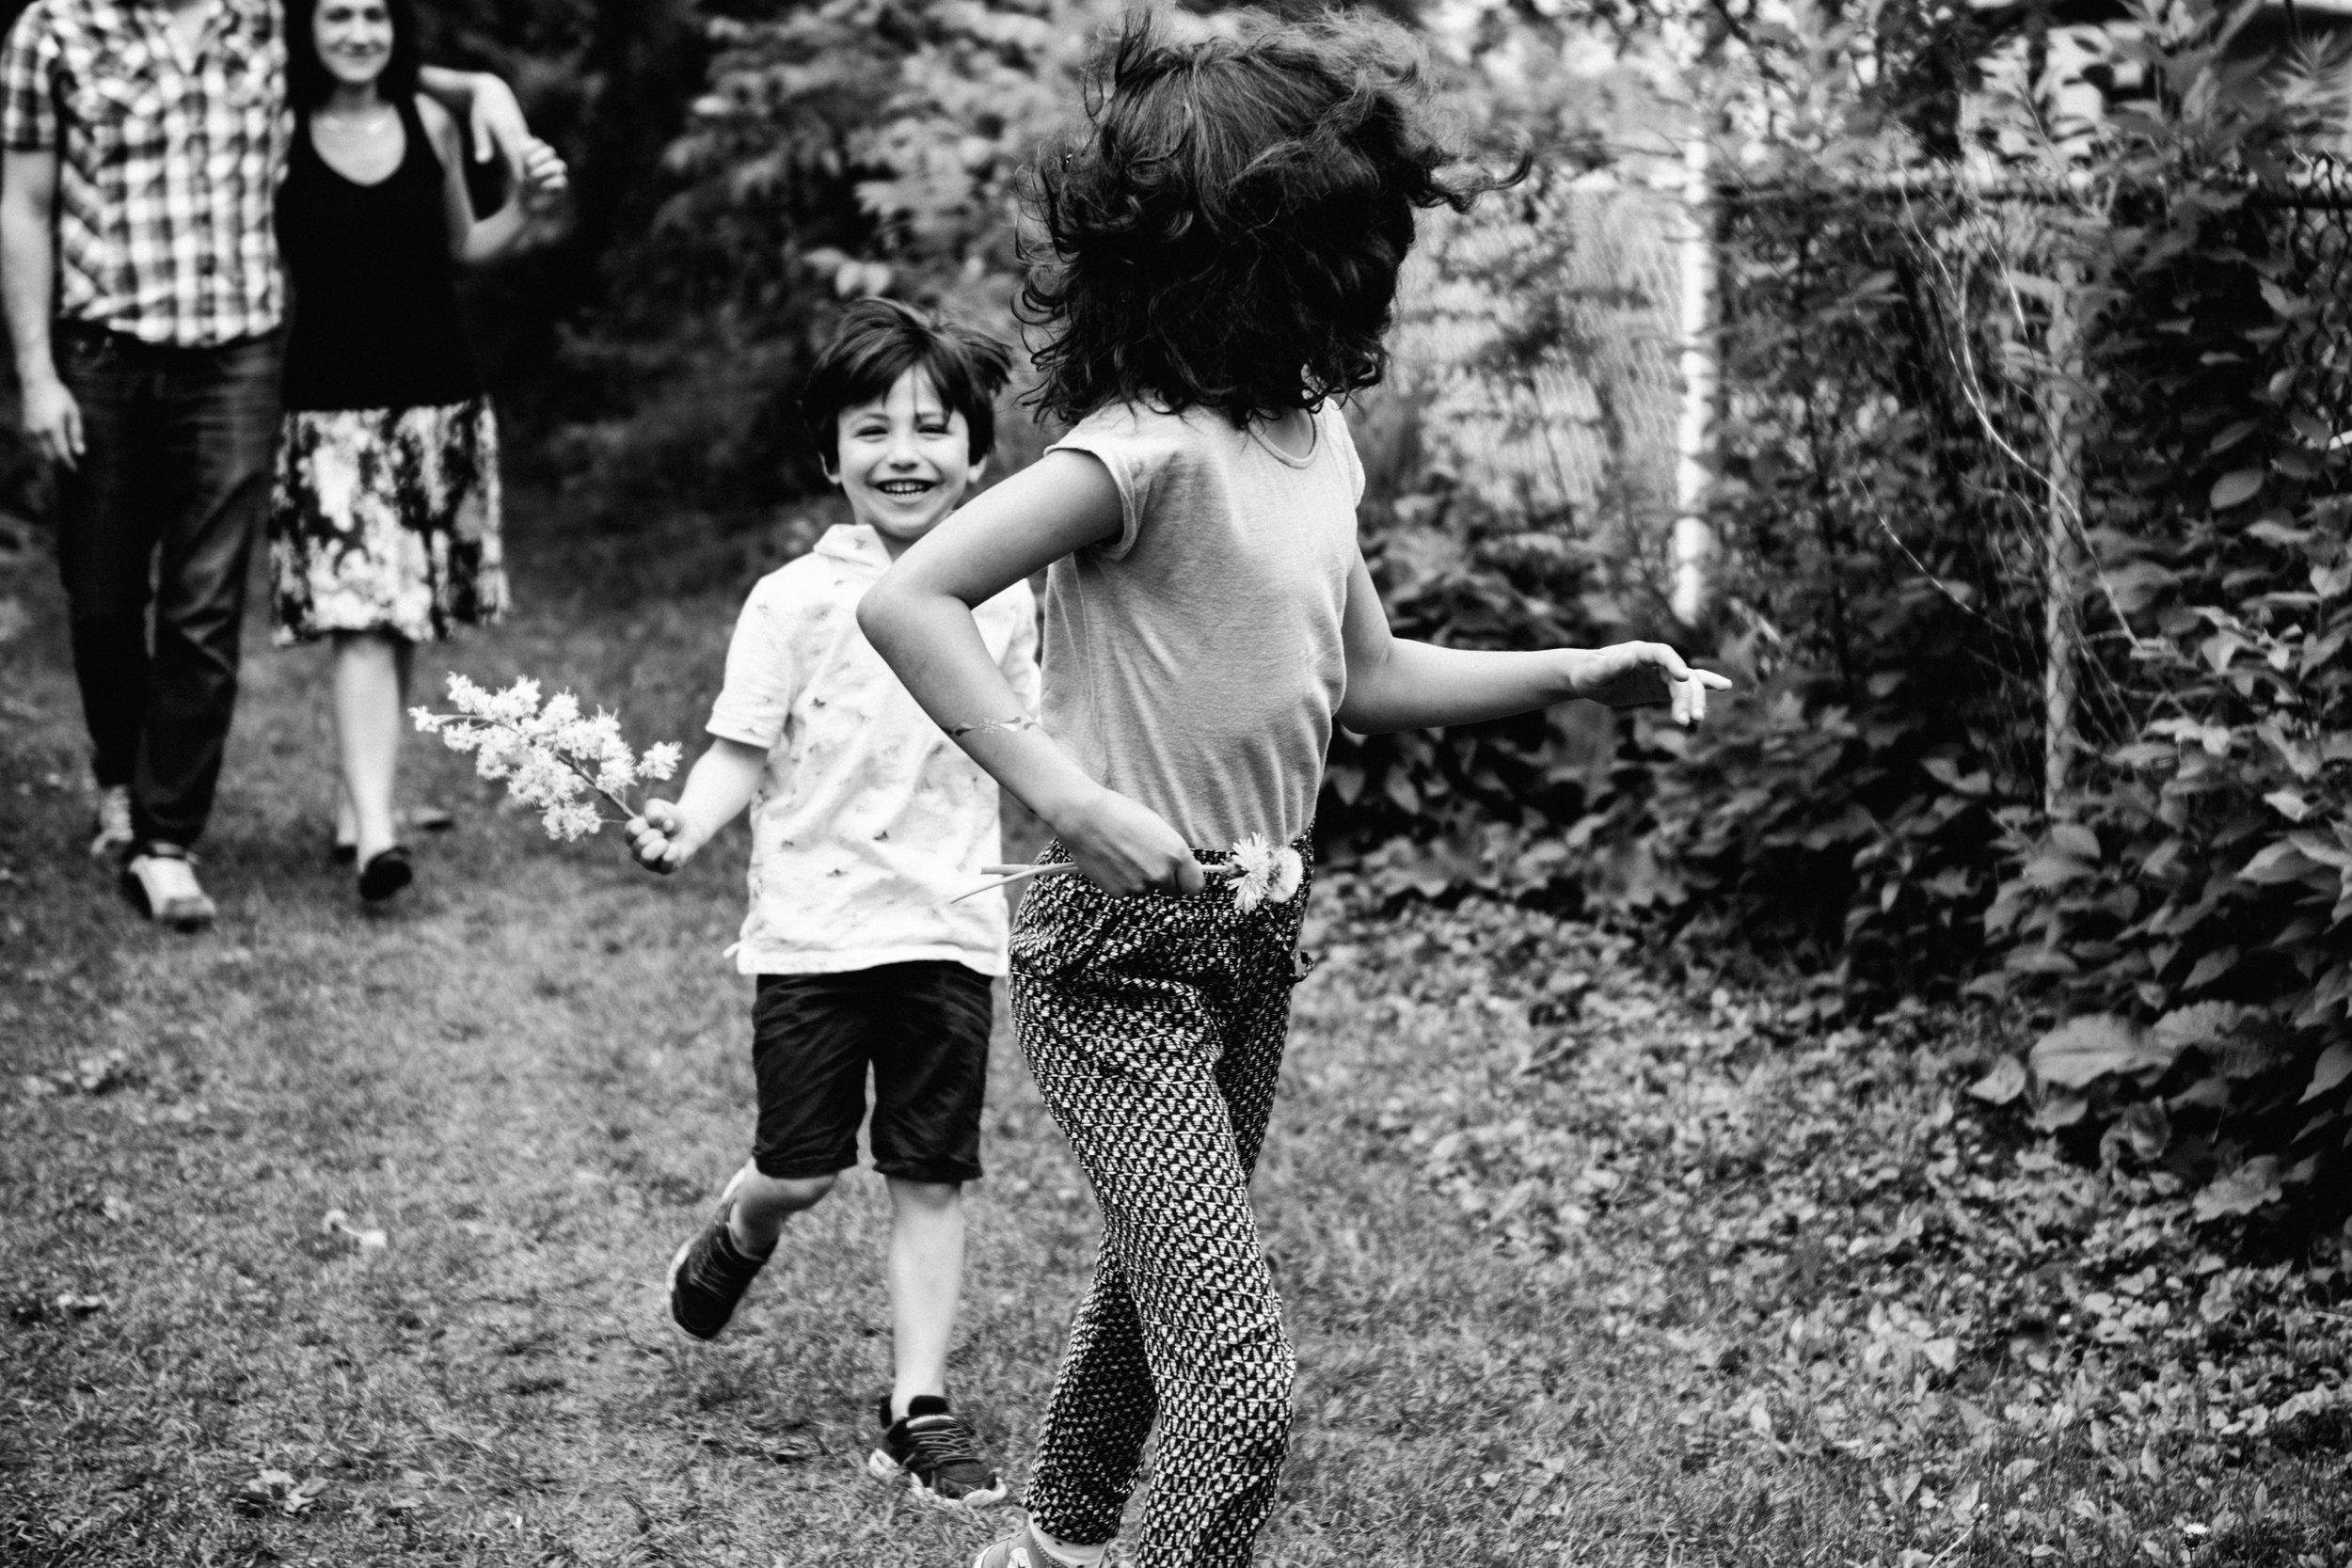 photo-noir-et-blanc-d-une-soeur-et-son-frere-qui-courent-dans-une-ruelle-champetre-photographe-lifestyle-famille-et-nouveau-ne-a-montreal-marianne-charland-74.jpg